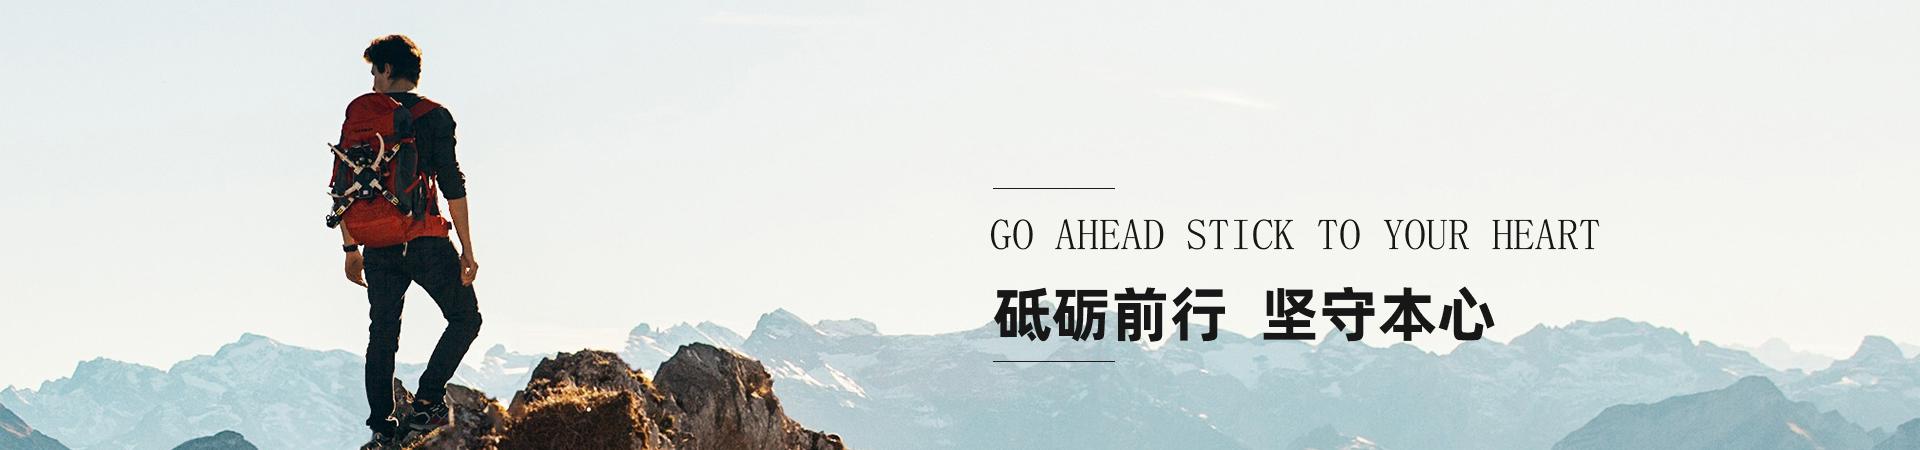 http://www.hongfugroup.cn/data/upload/202004/20200416100627_494.jpg